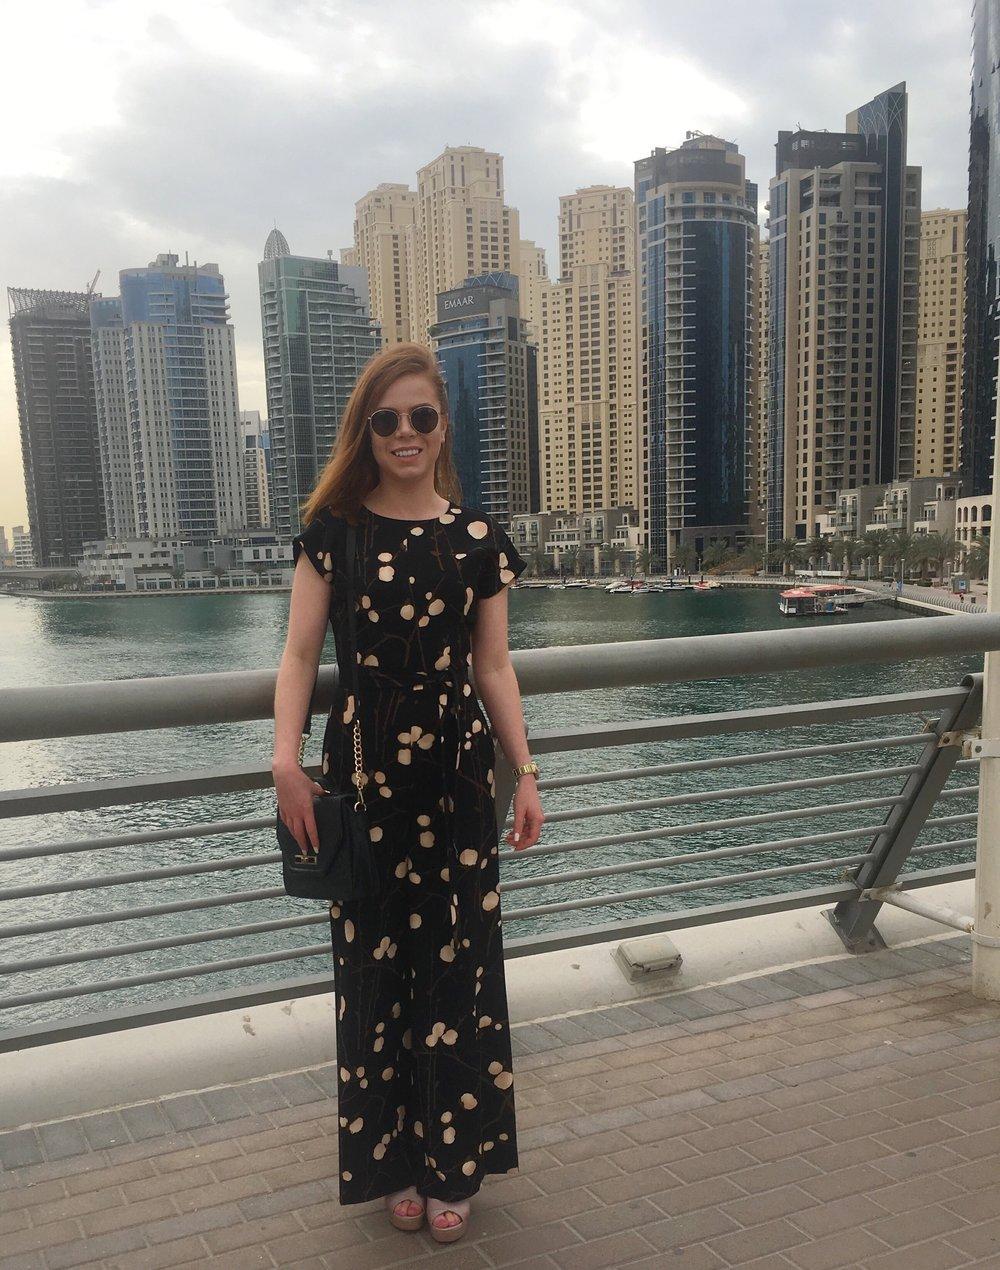 An awkward tourist photo down at Dubai Marina.